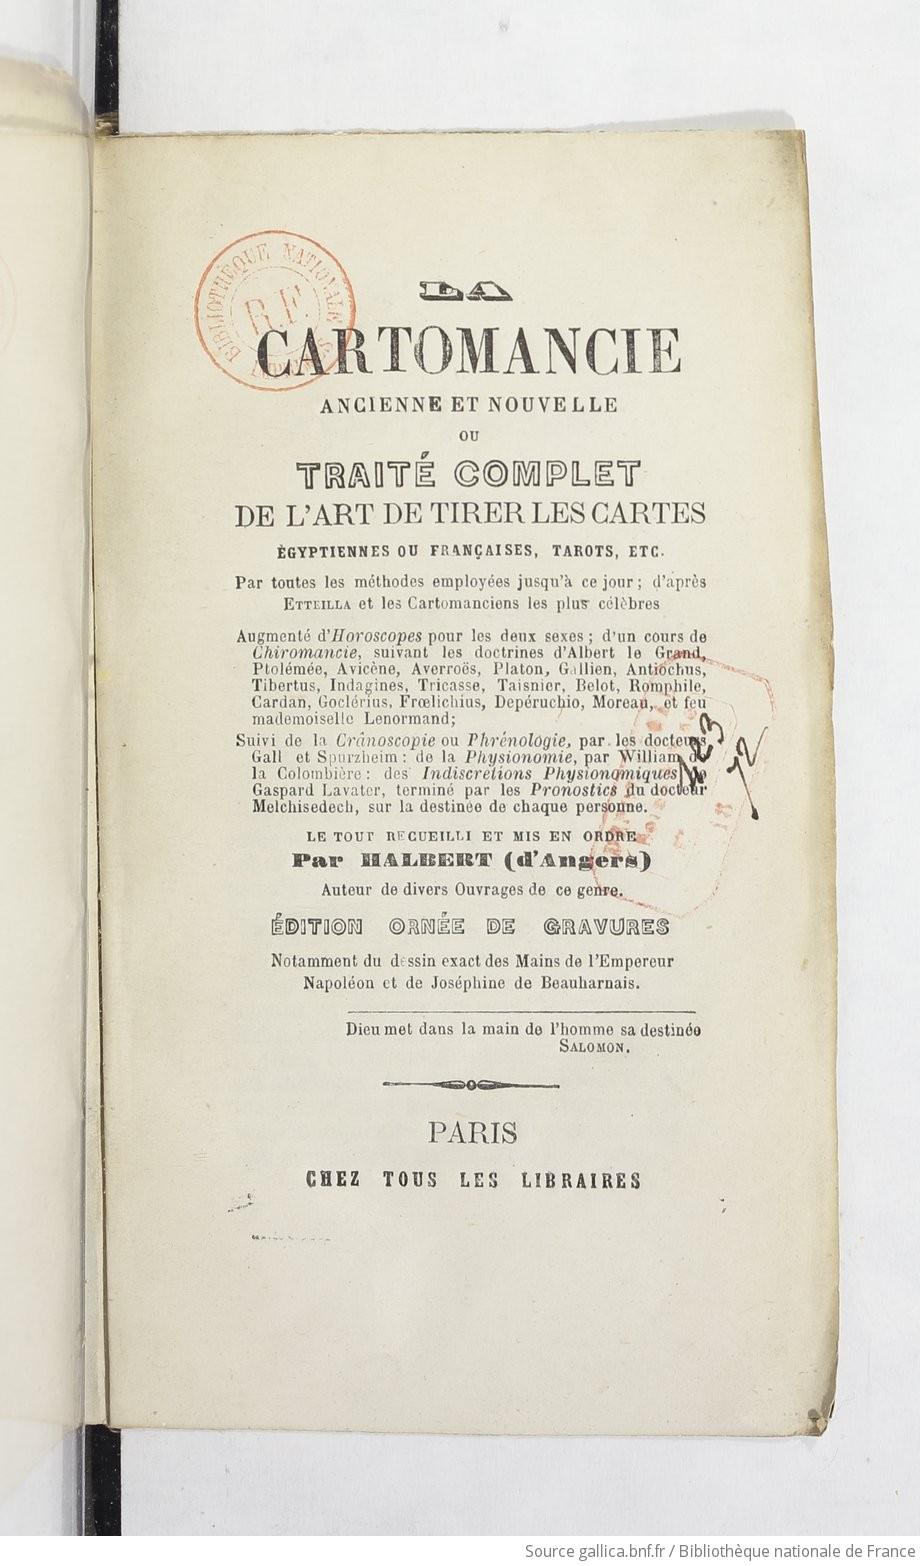 La Cartomancie ancienne et nouvelle, ou Traité complet de l art de tirer  les cartes égyptiennes ou françaises, tarots, etc.,... d après Etteilla et  les ... a859a82b7406